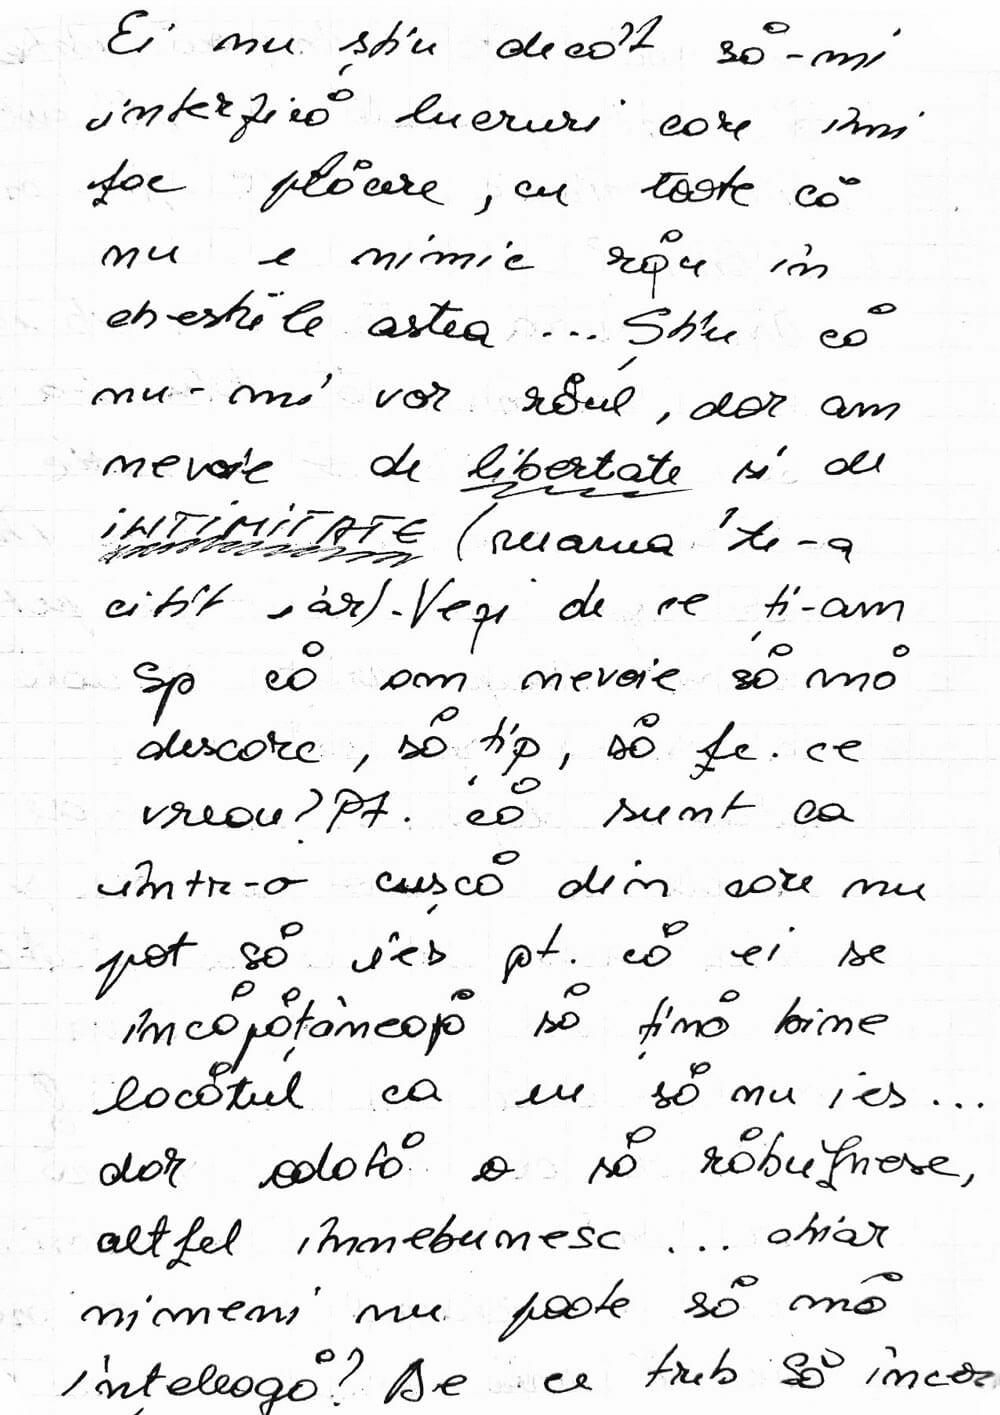 fragment din jurnalul personal, scris de mână